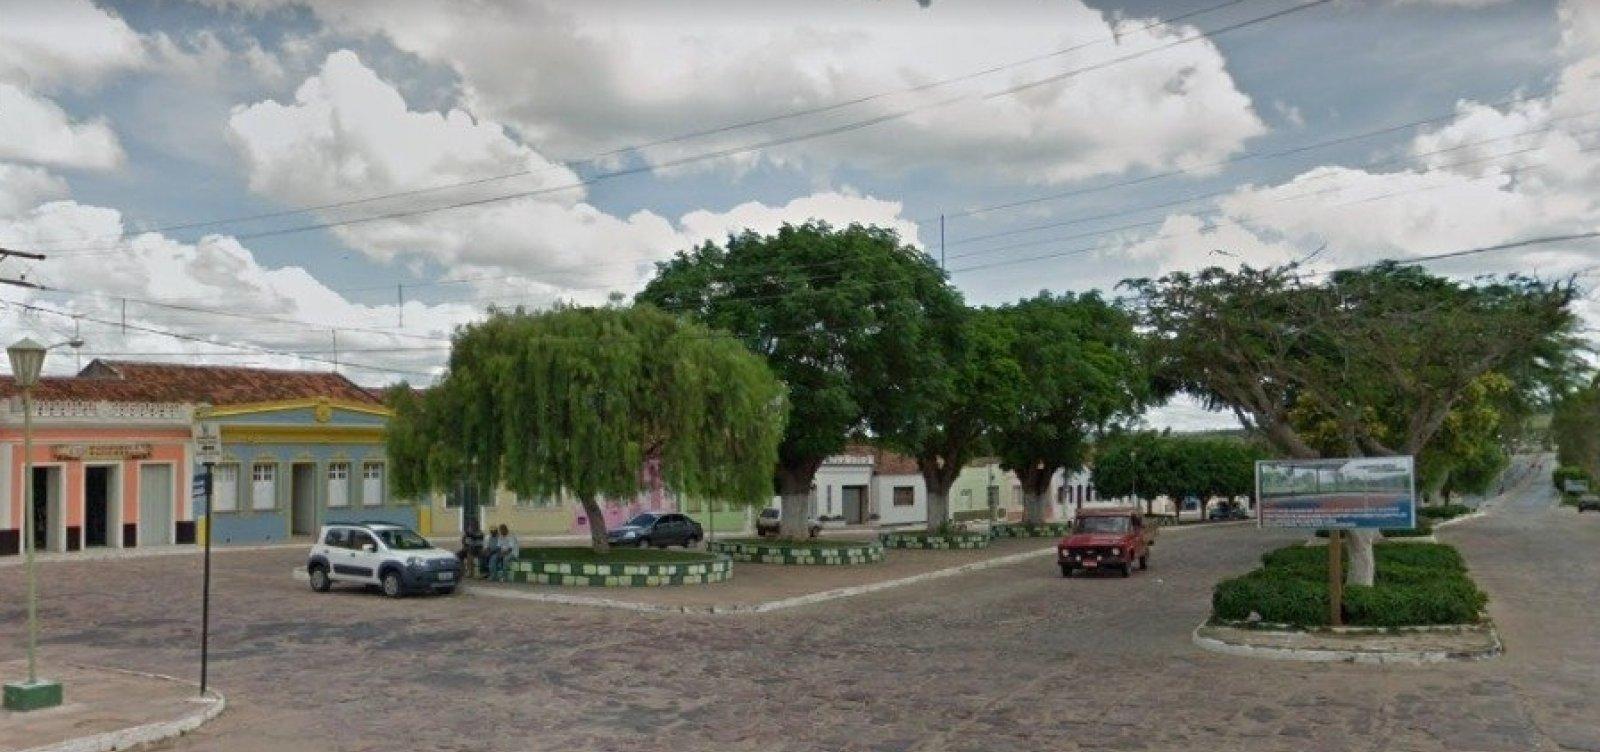 MP-Ba aciona Embasa por contaminação de lago em Morro do Chapéu